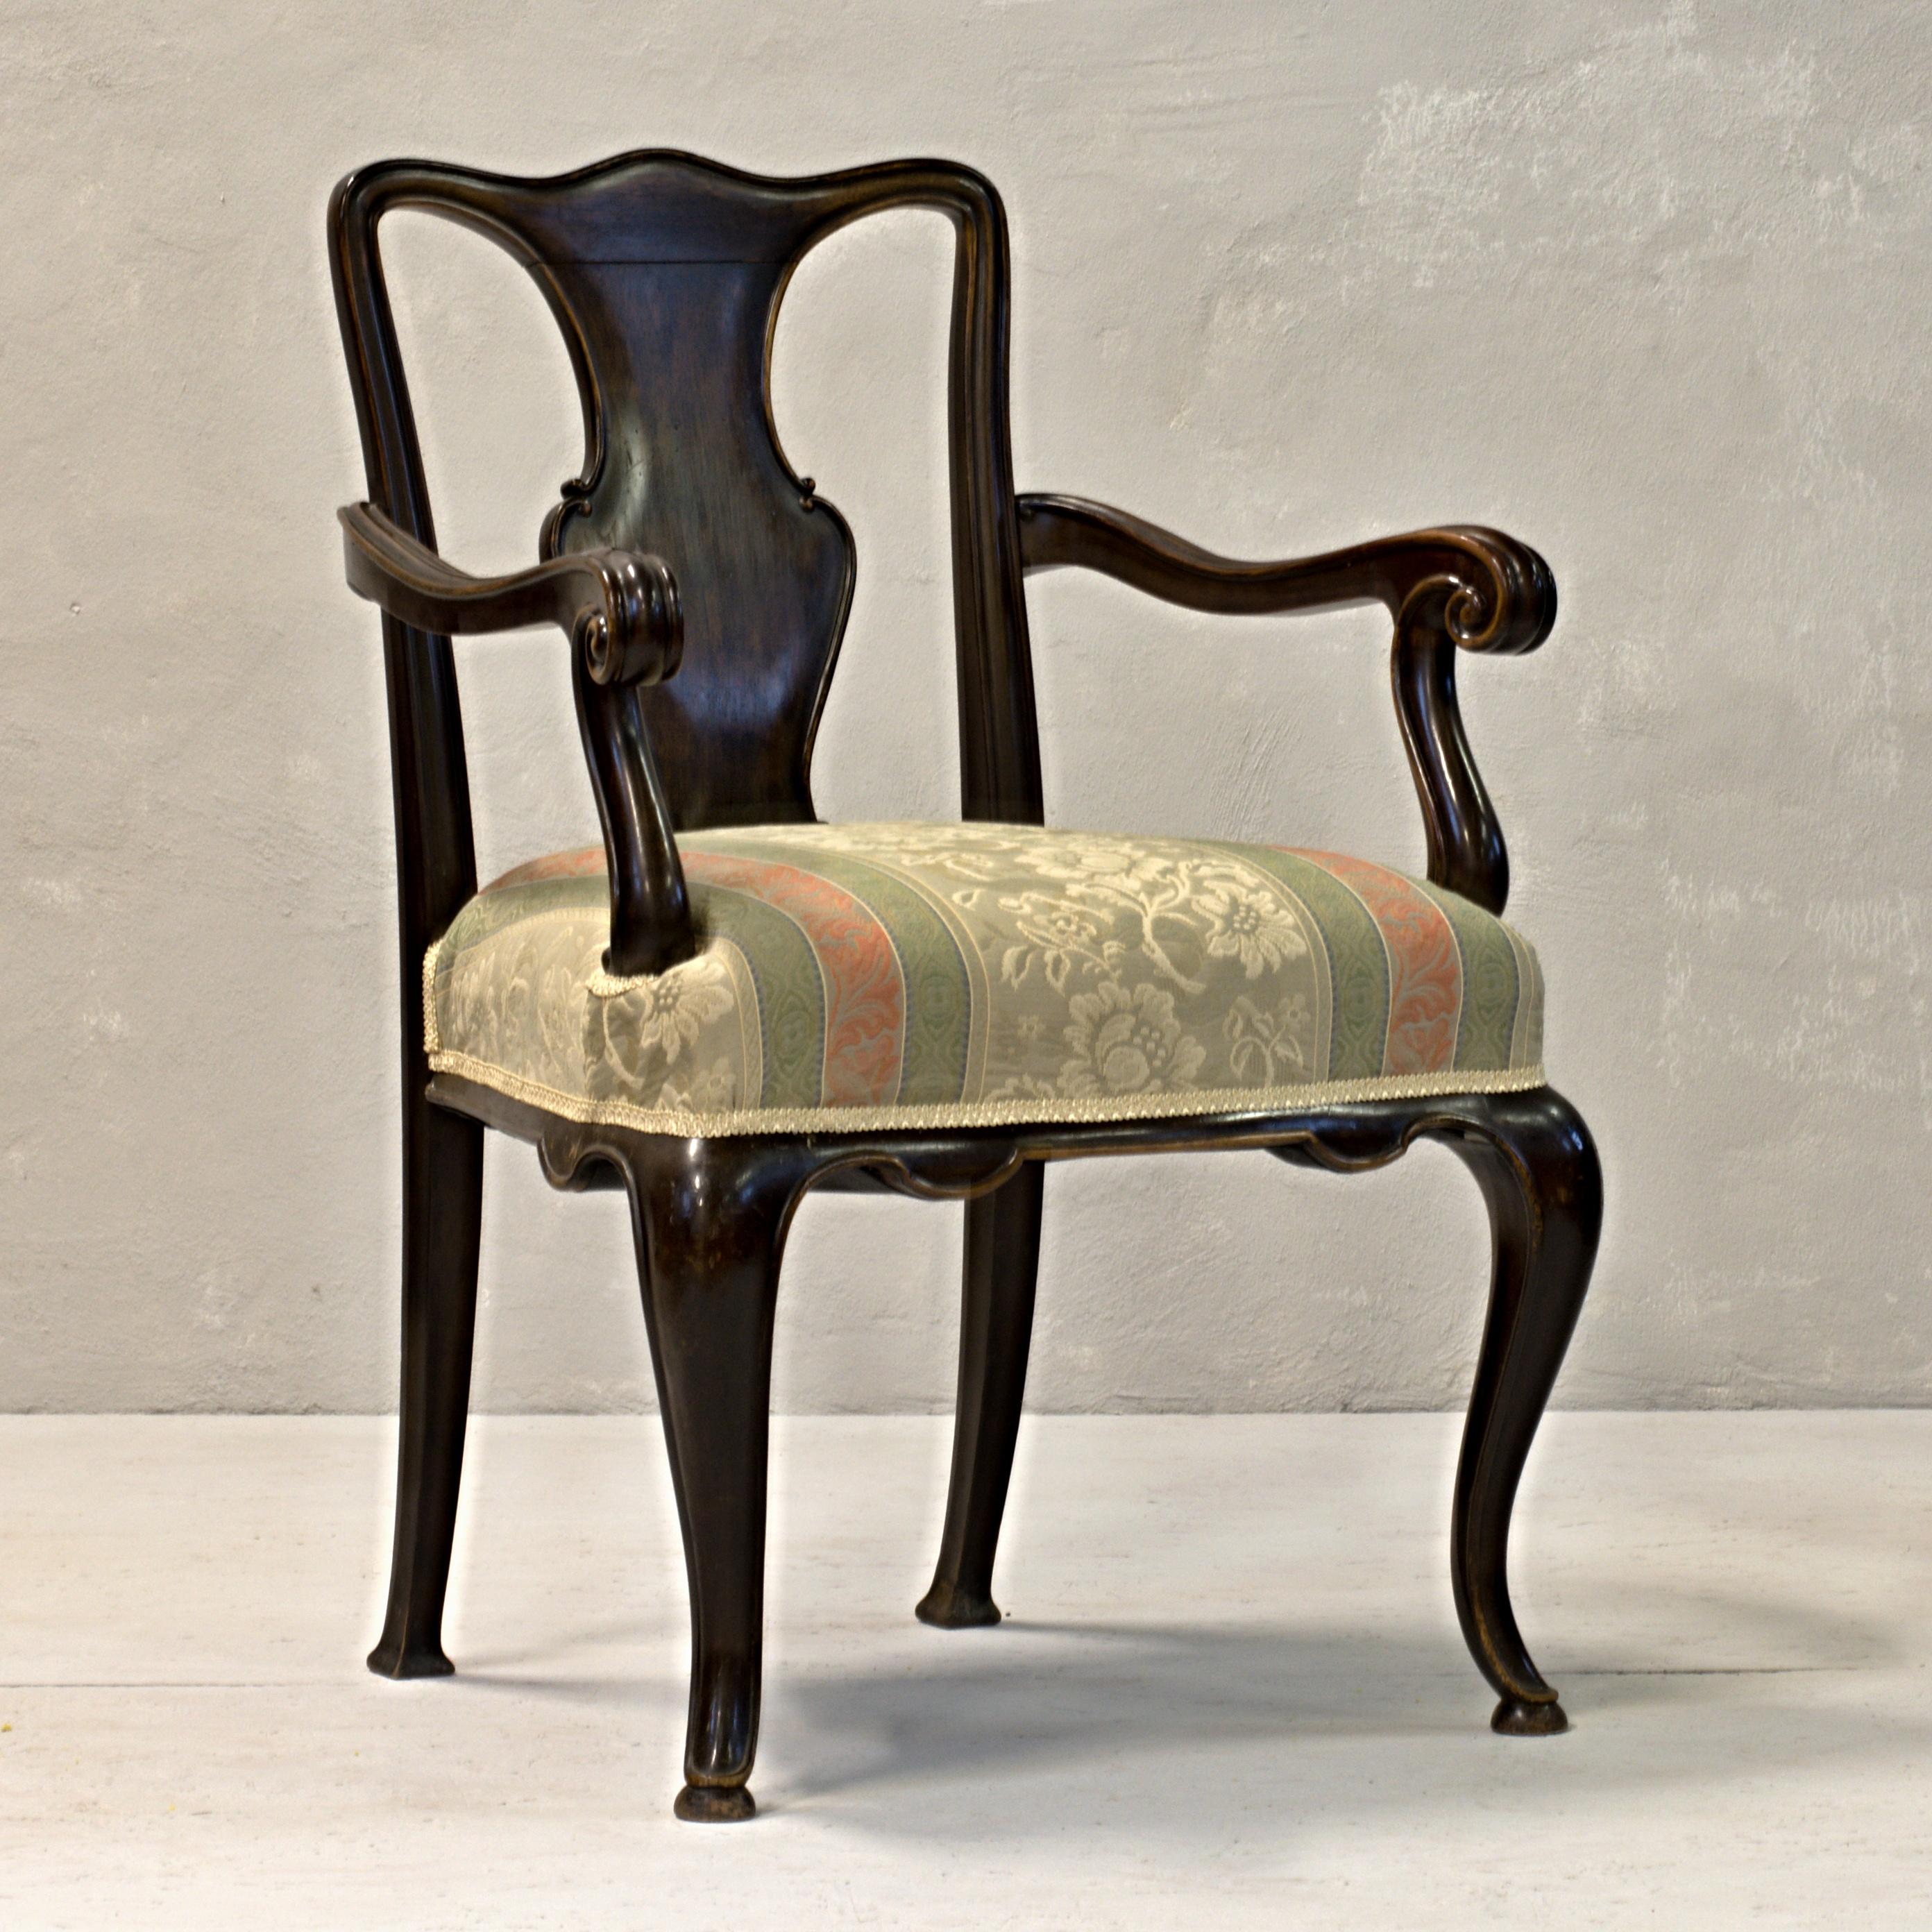 anglické zdobené křeslo vintage stylový nábytek